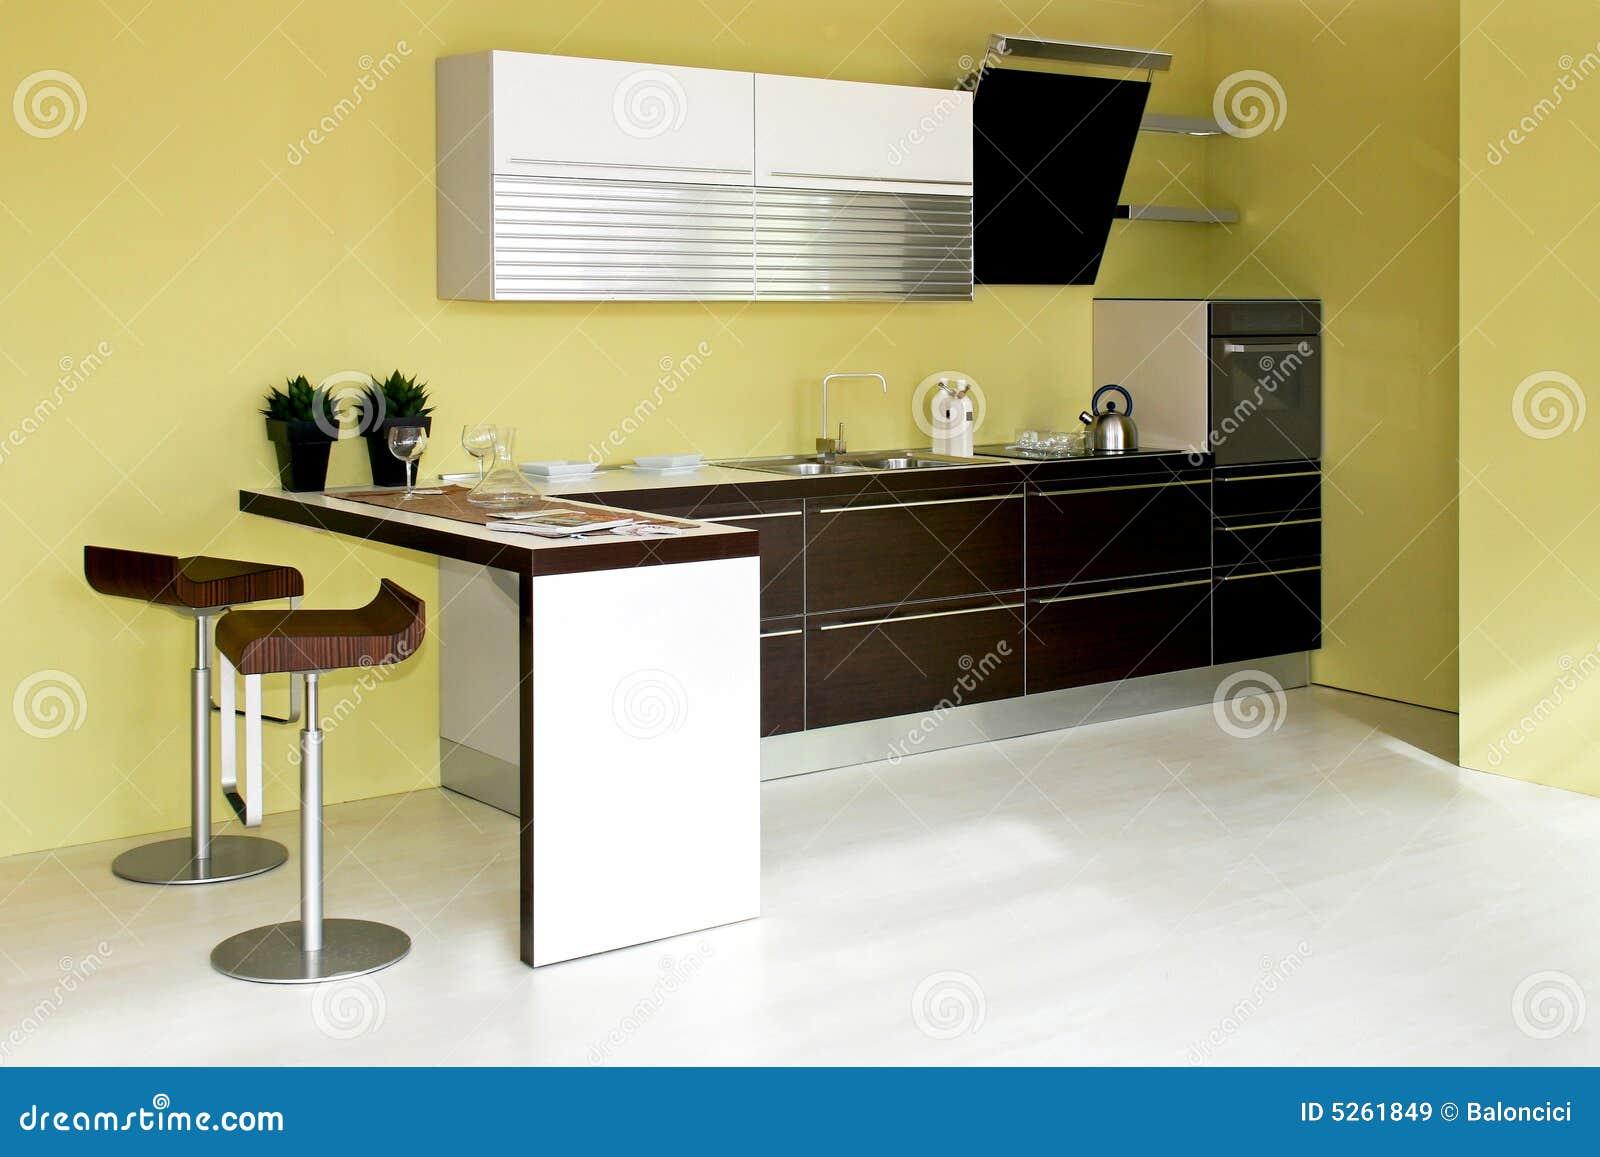 Groene Keuken Royalty-vrije Stock Afbeeldingen - Afbeelding: 5261849